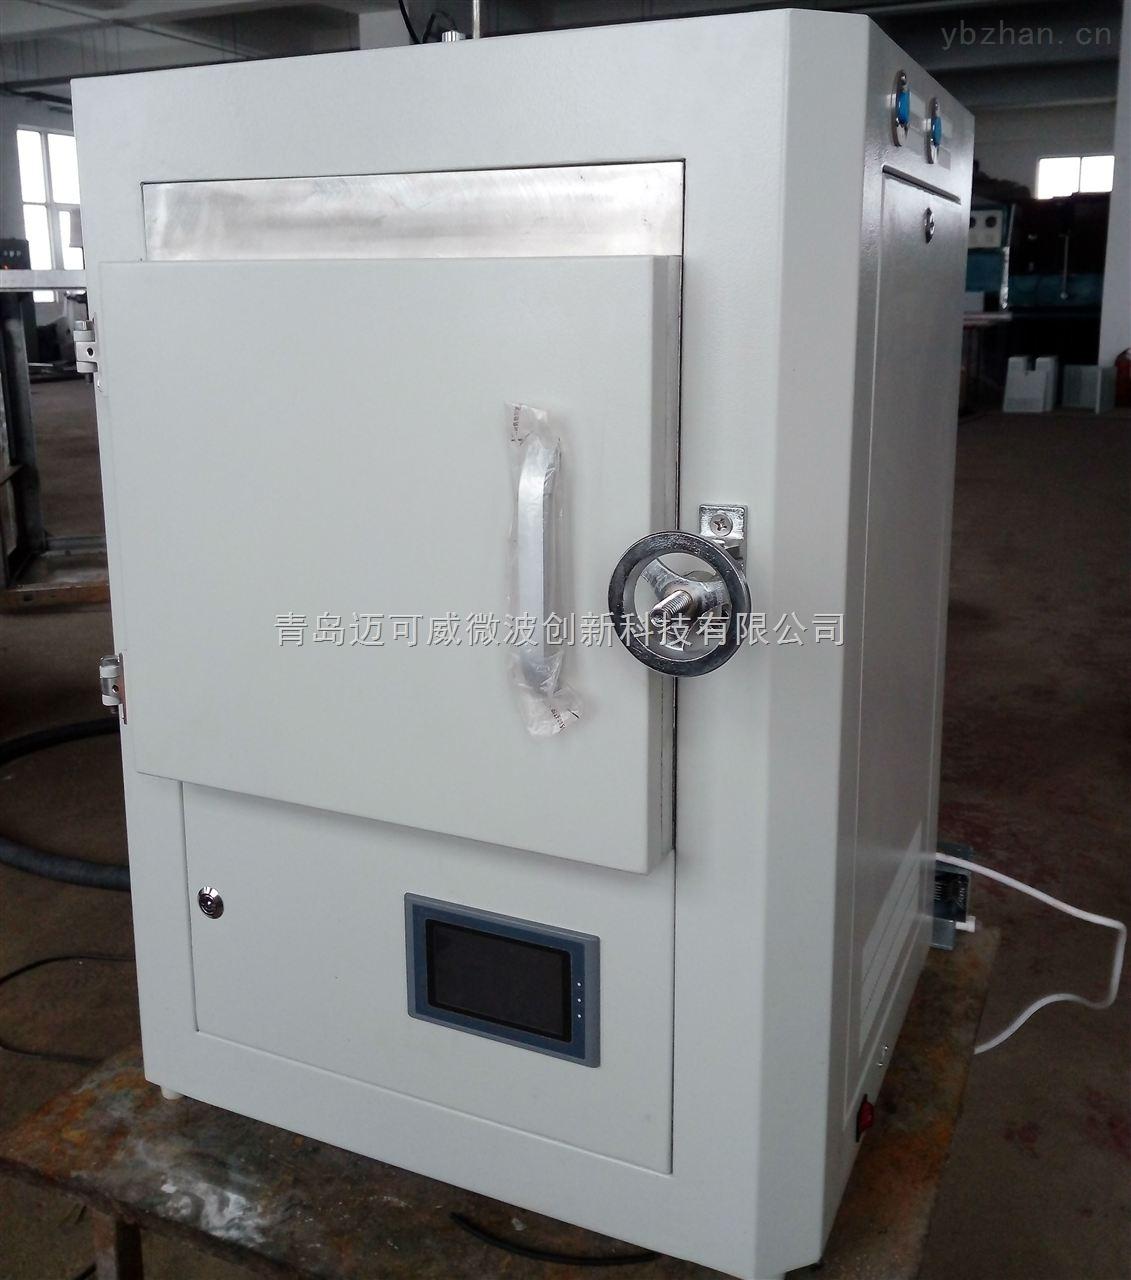 微波烧结炉/马弗炉 1400°C 专业制造商供应